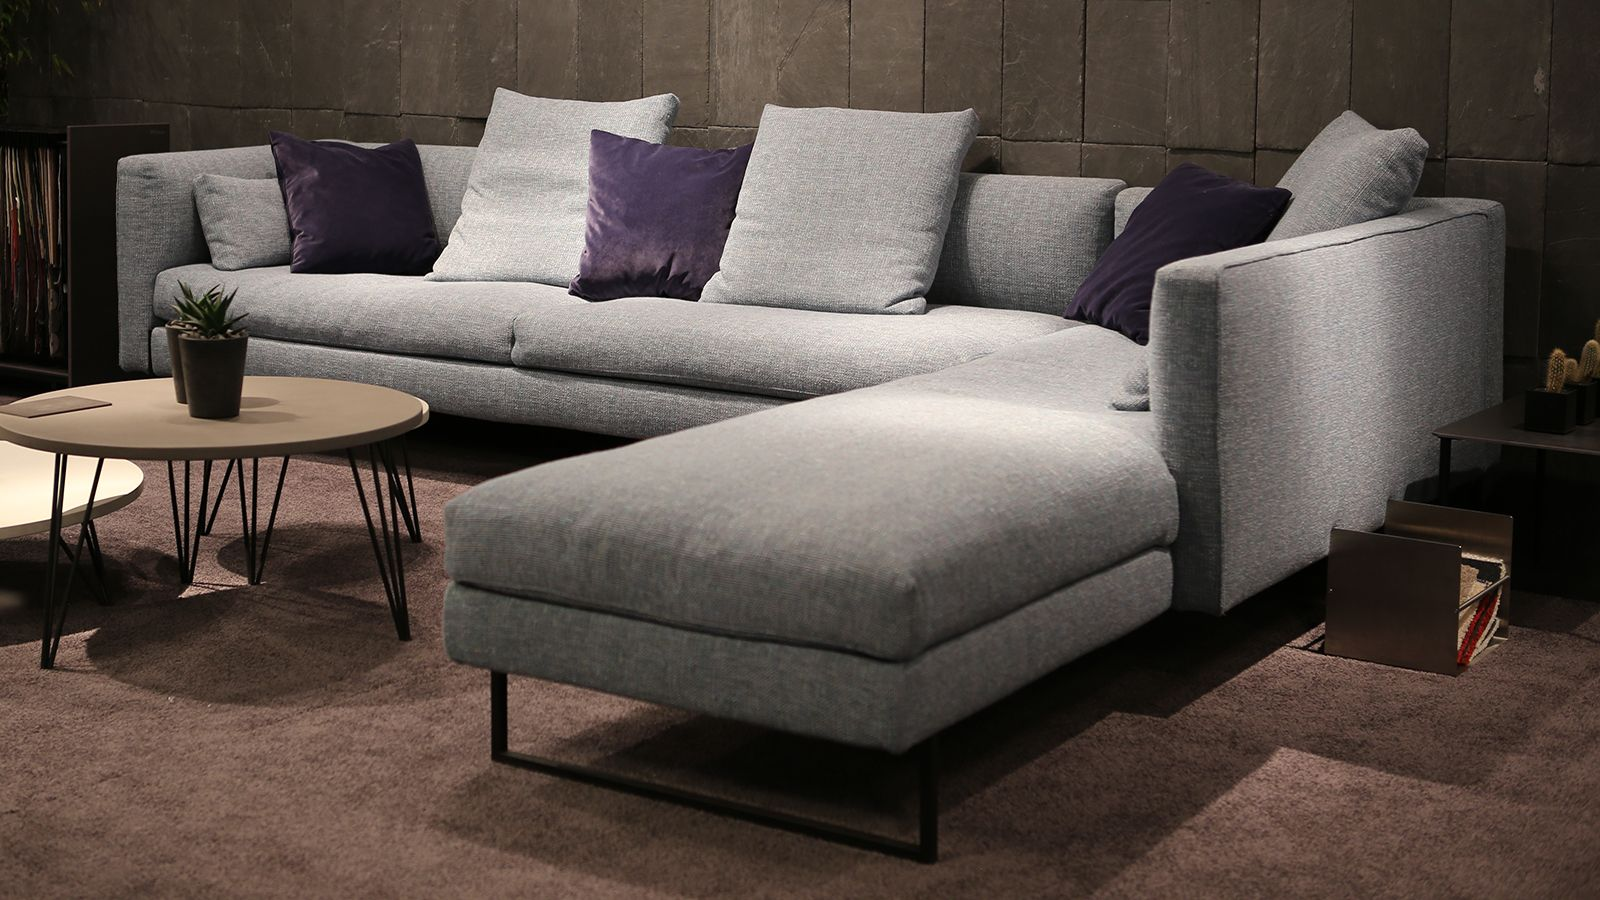 Triss Fabriquant De Mobilier Contemporain Haut De Gamme Luxury Furniture Brands Furniture Luxury Furniture